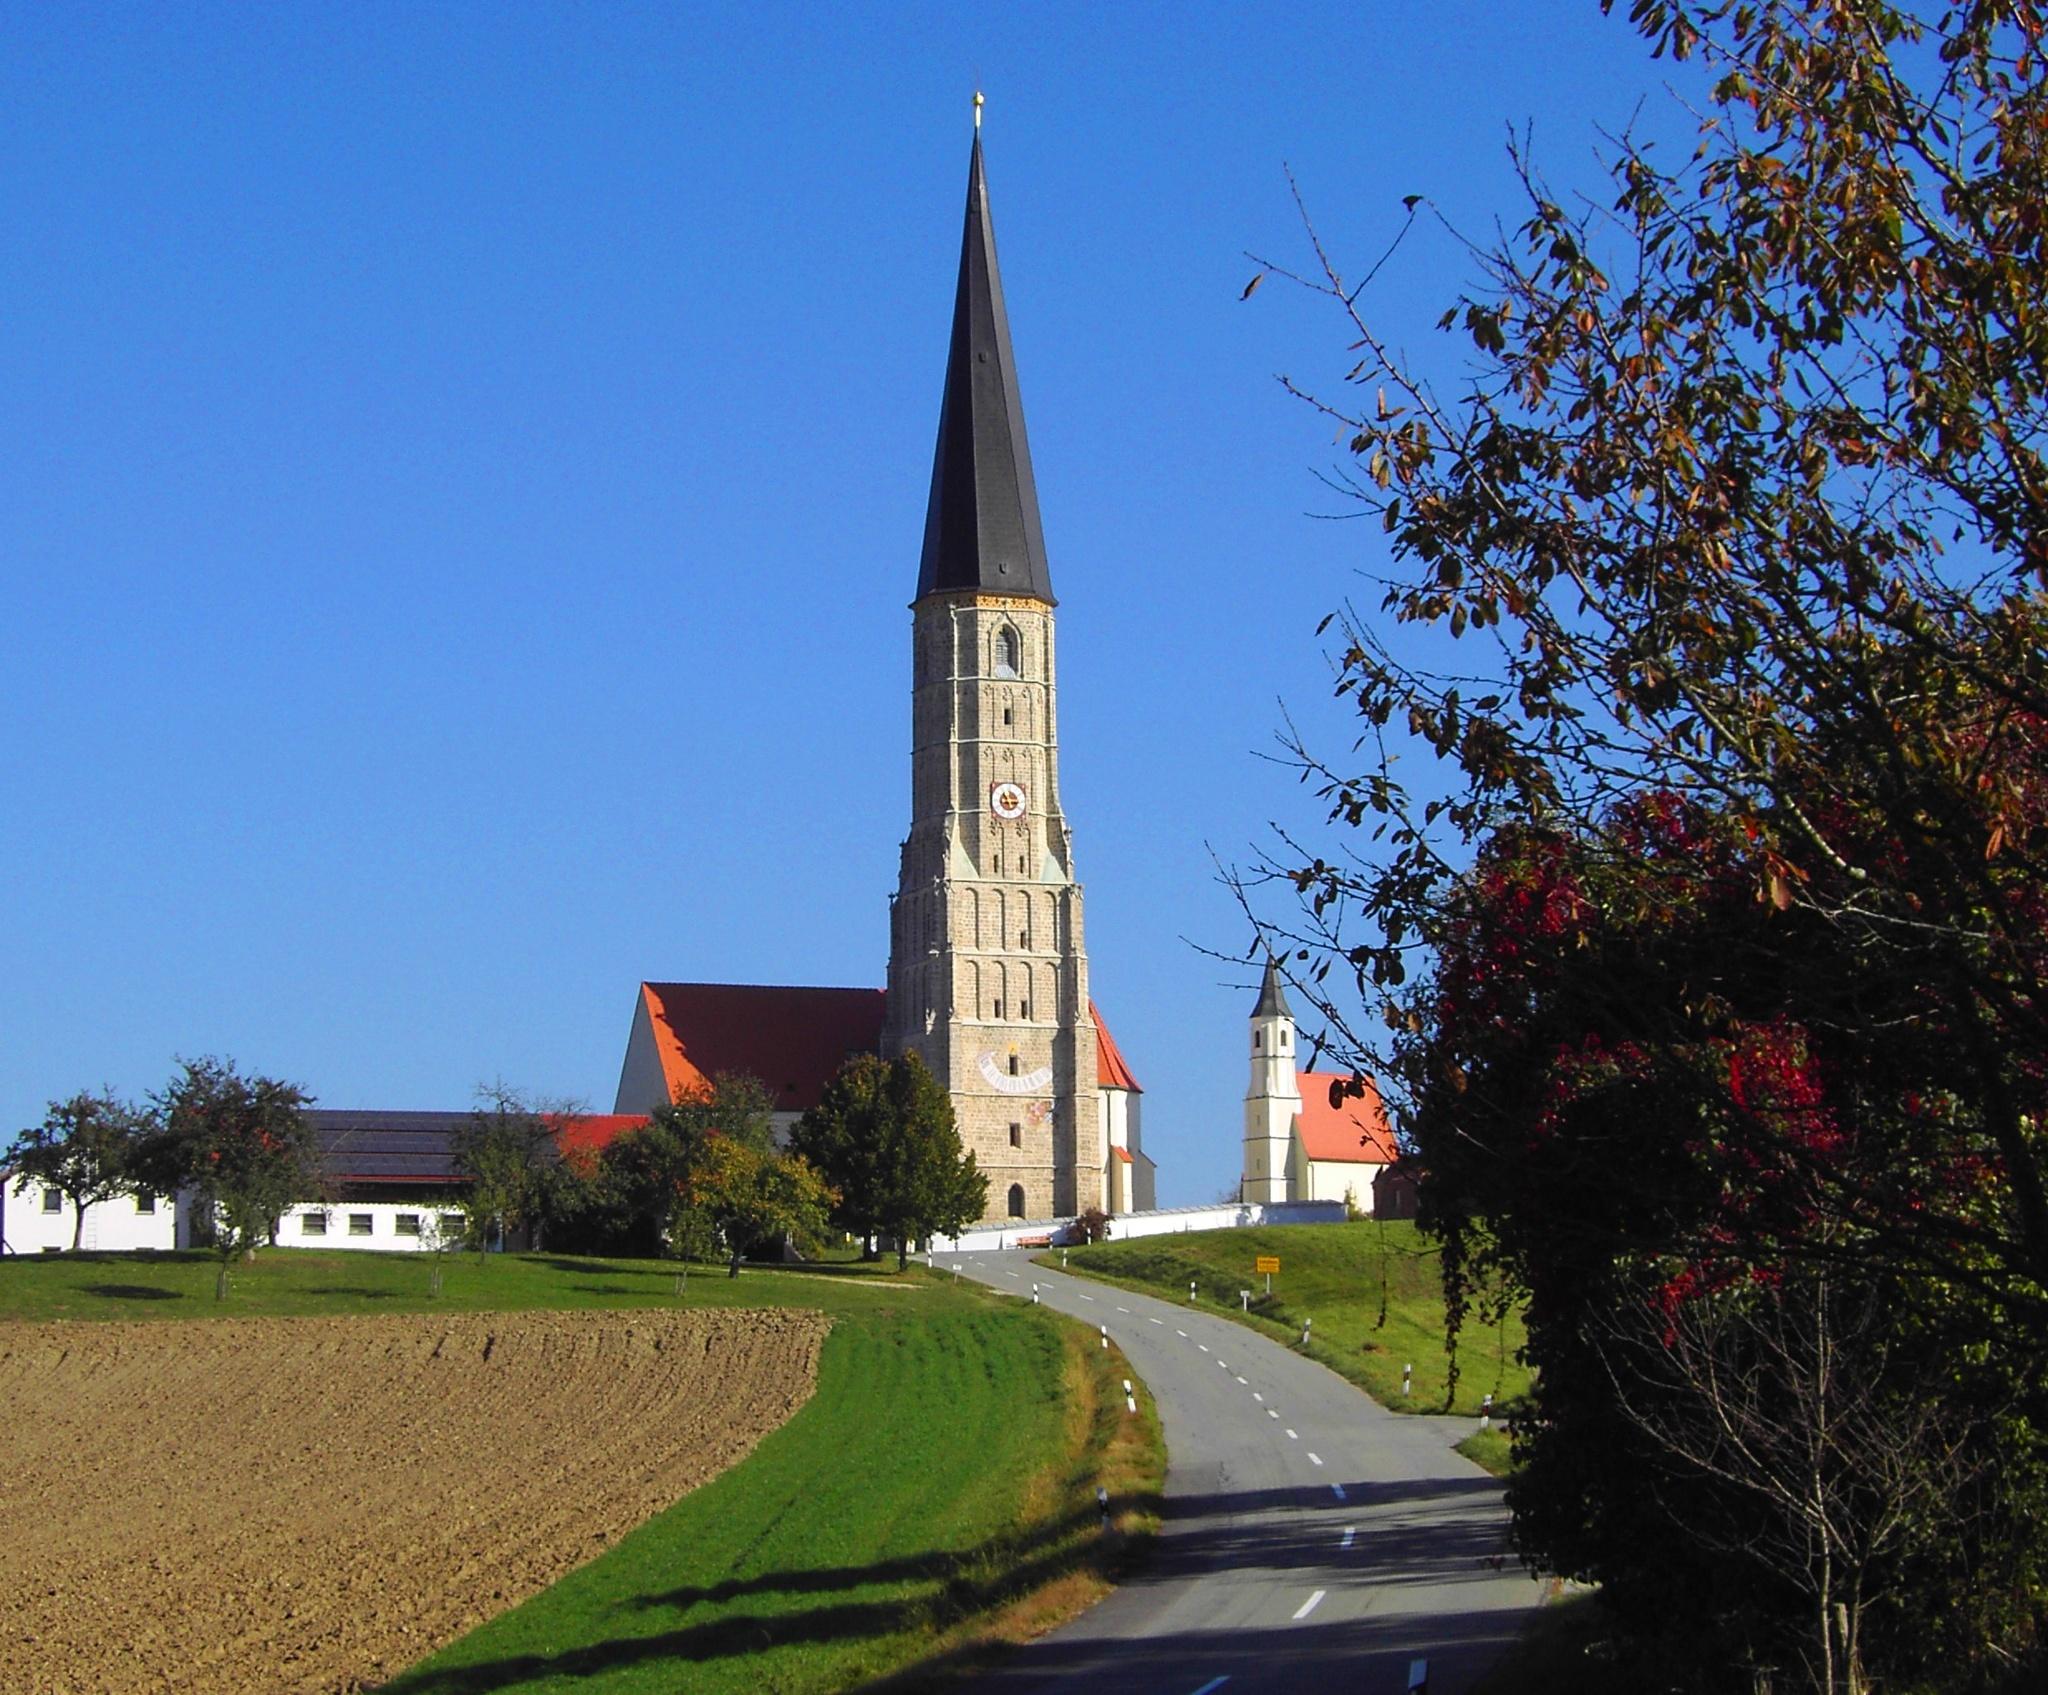 Schildthurn